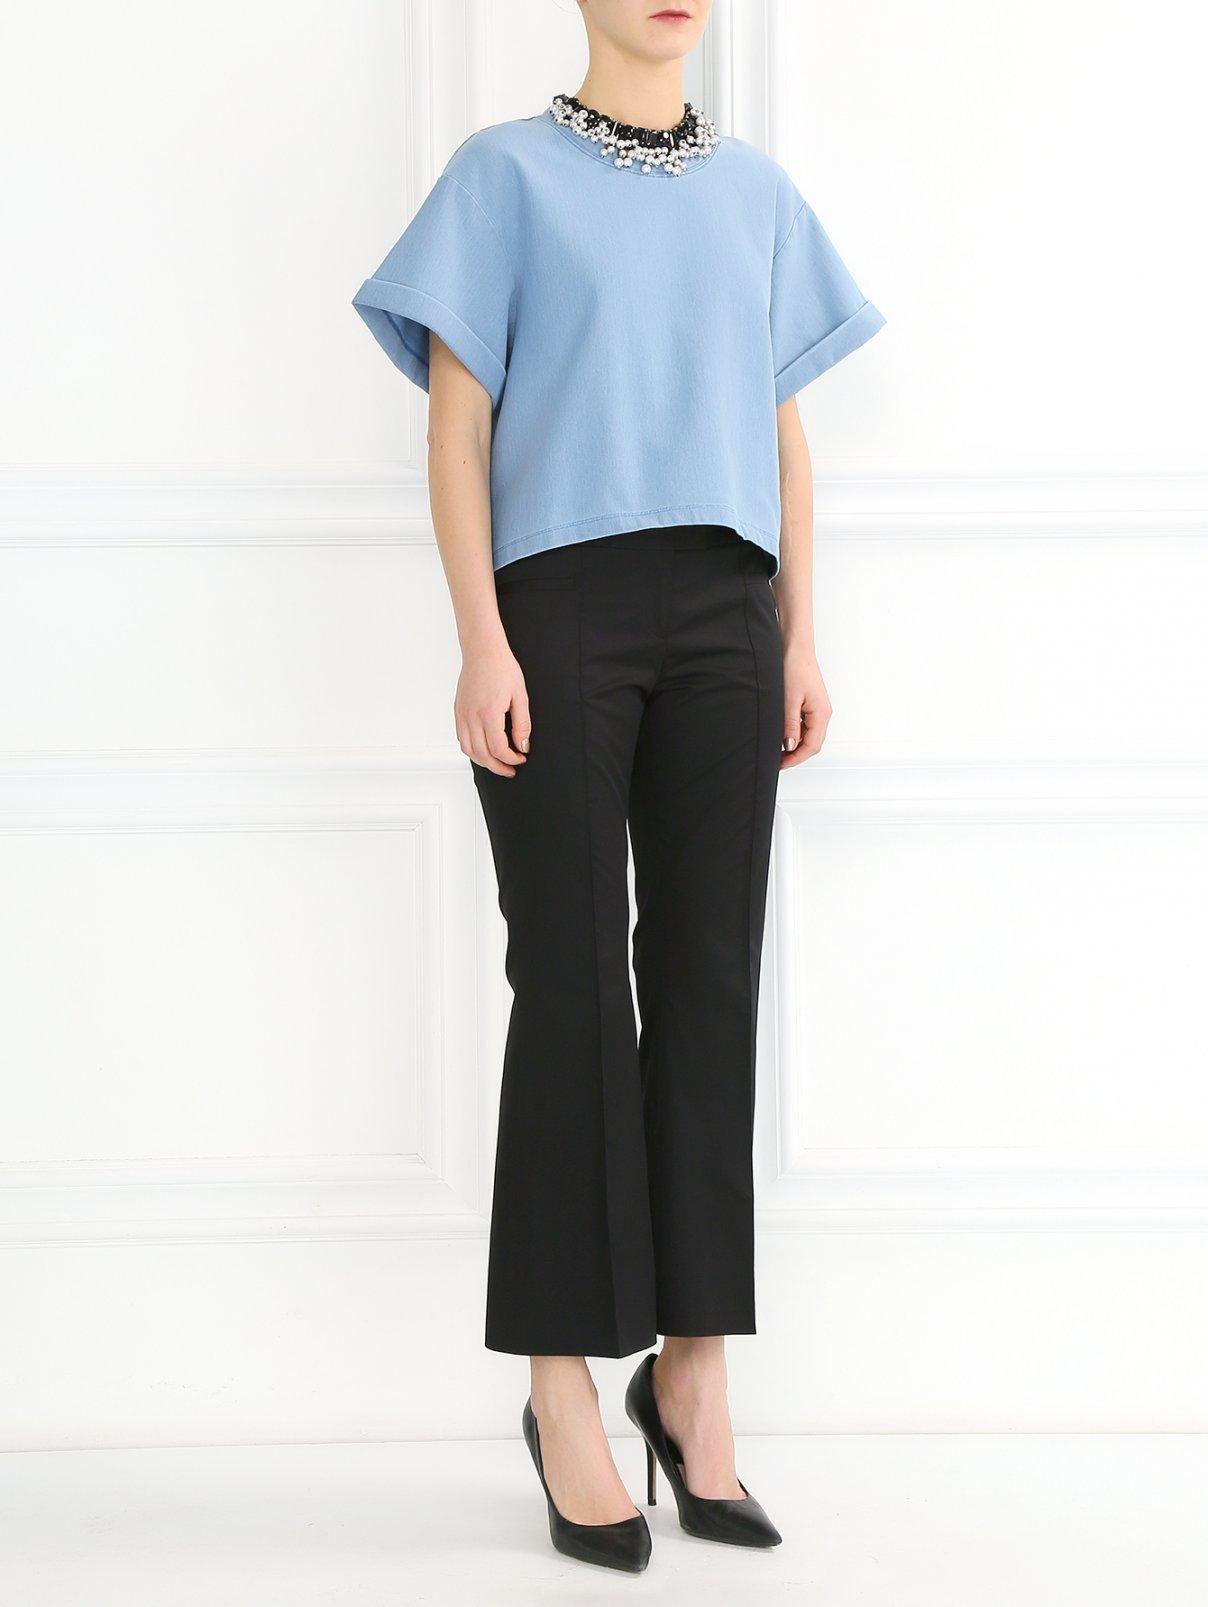 Укороченные брюки из хлопка с боковыми карманами Barbara Bui  –  Модель Общий вид